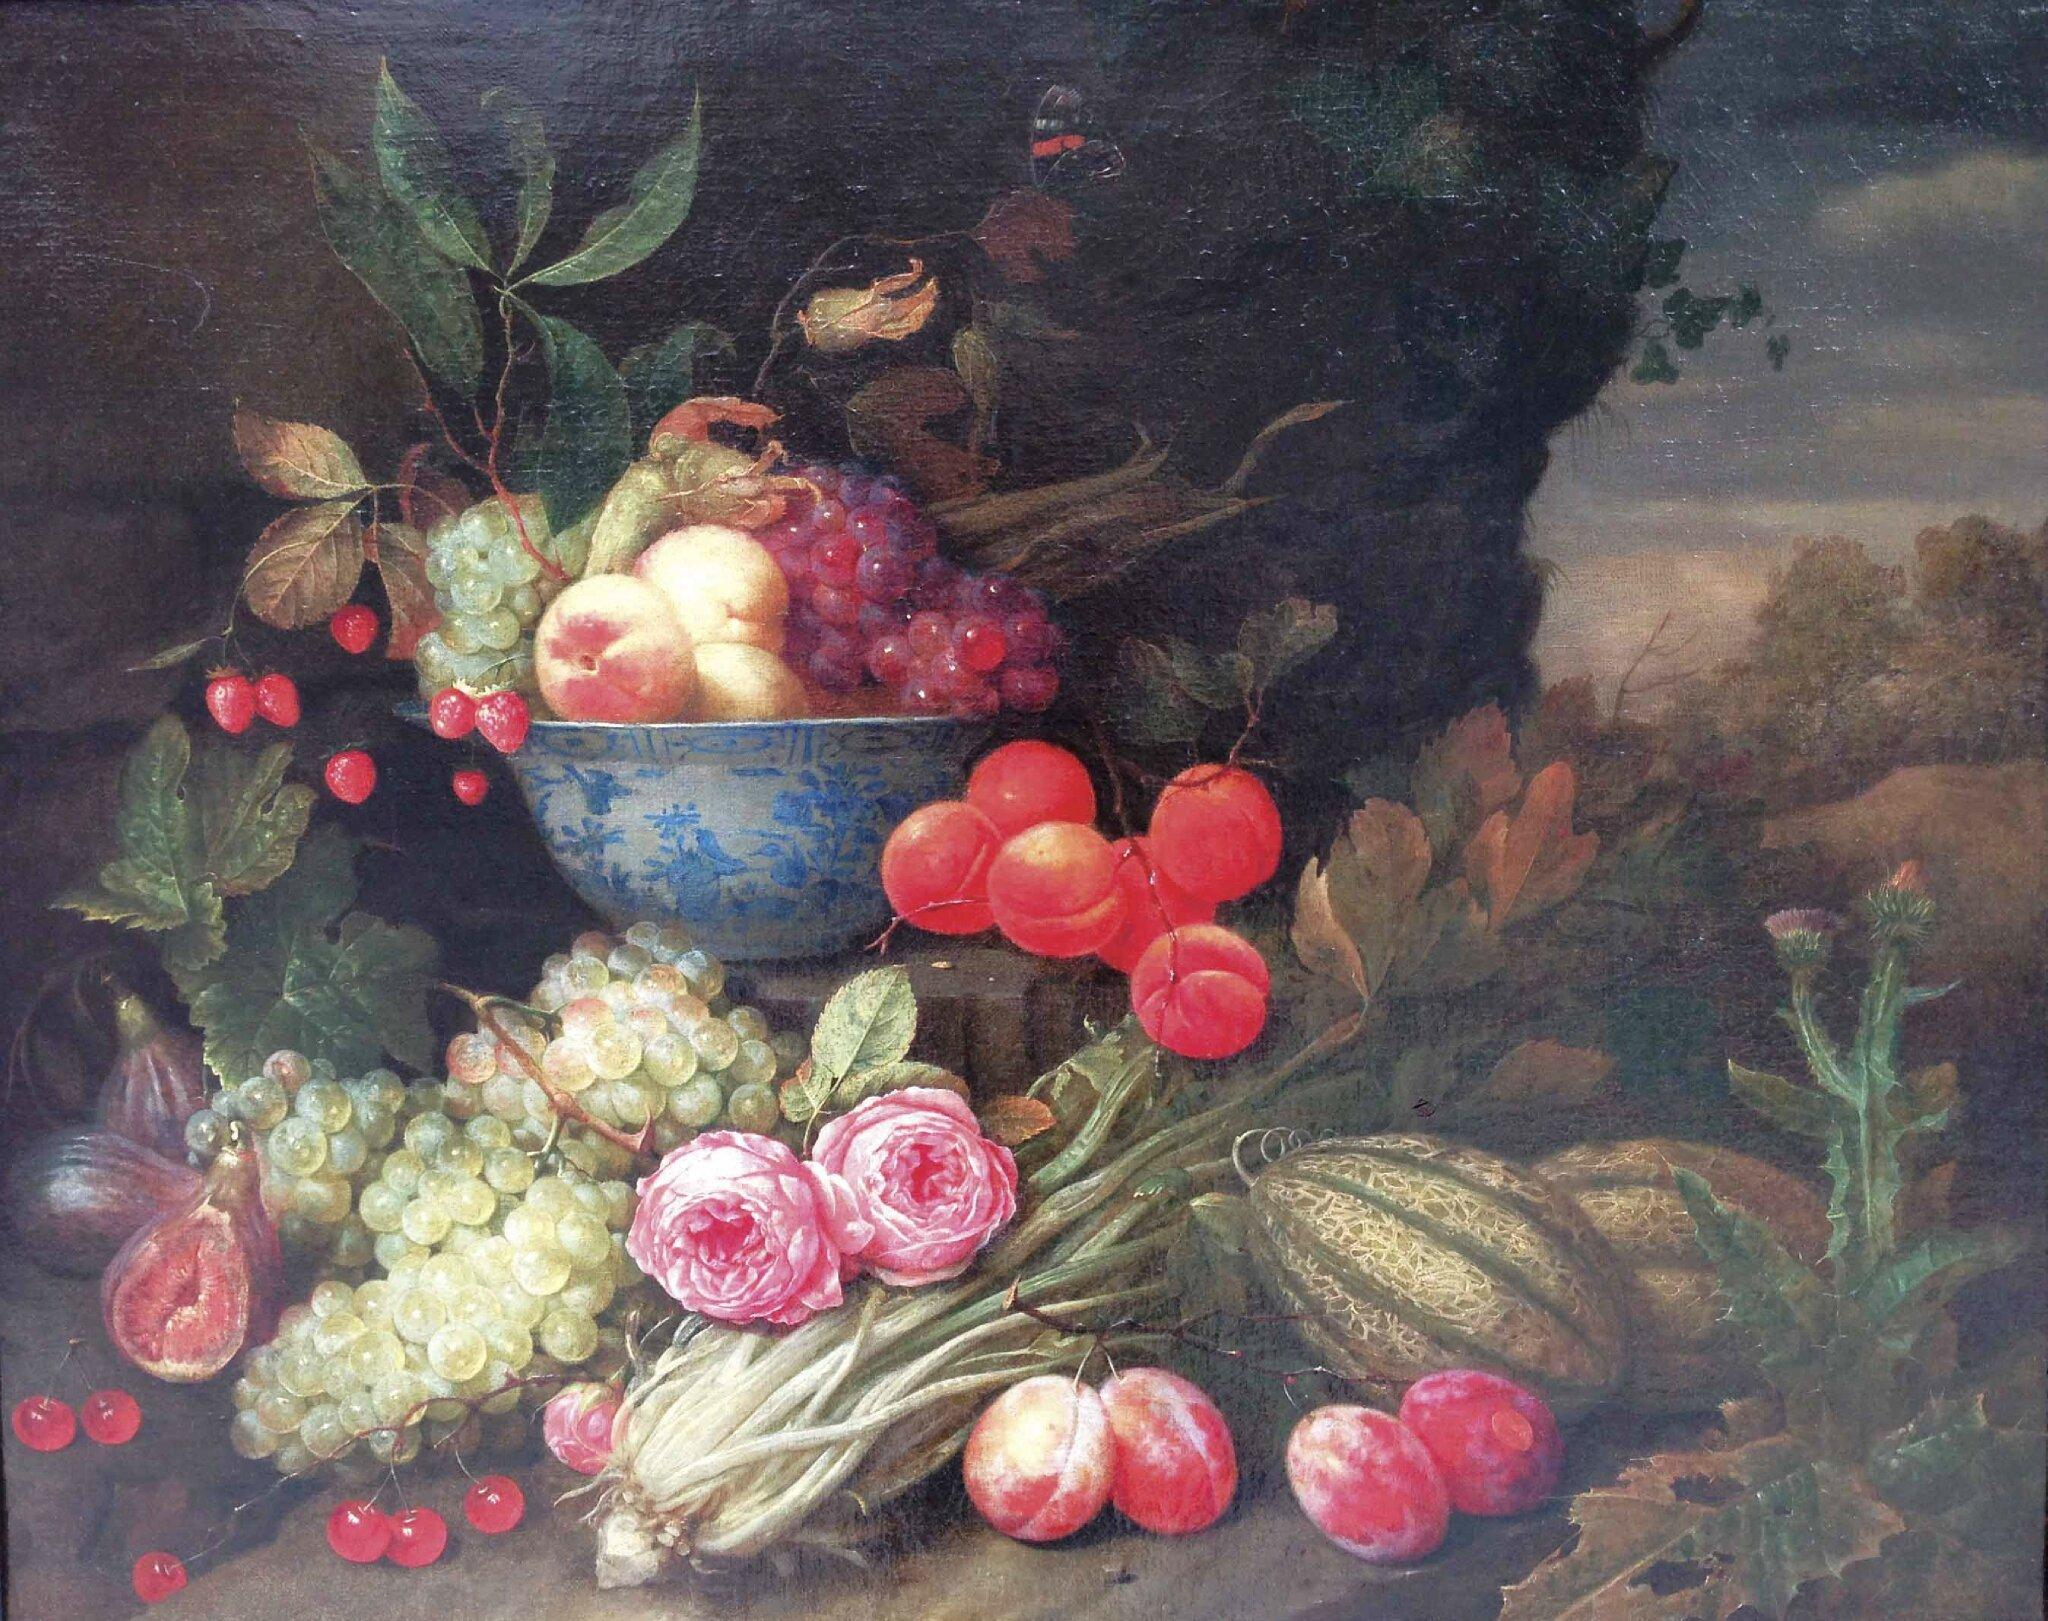 Jan Pauwel Gillemans (1618-1675), Fruits et roses dans un paysage avec un bol Wanli